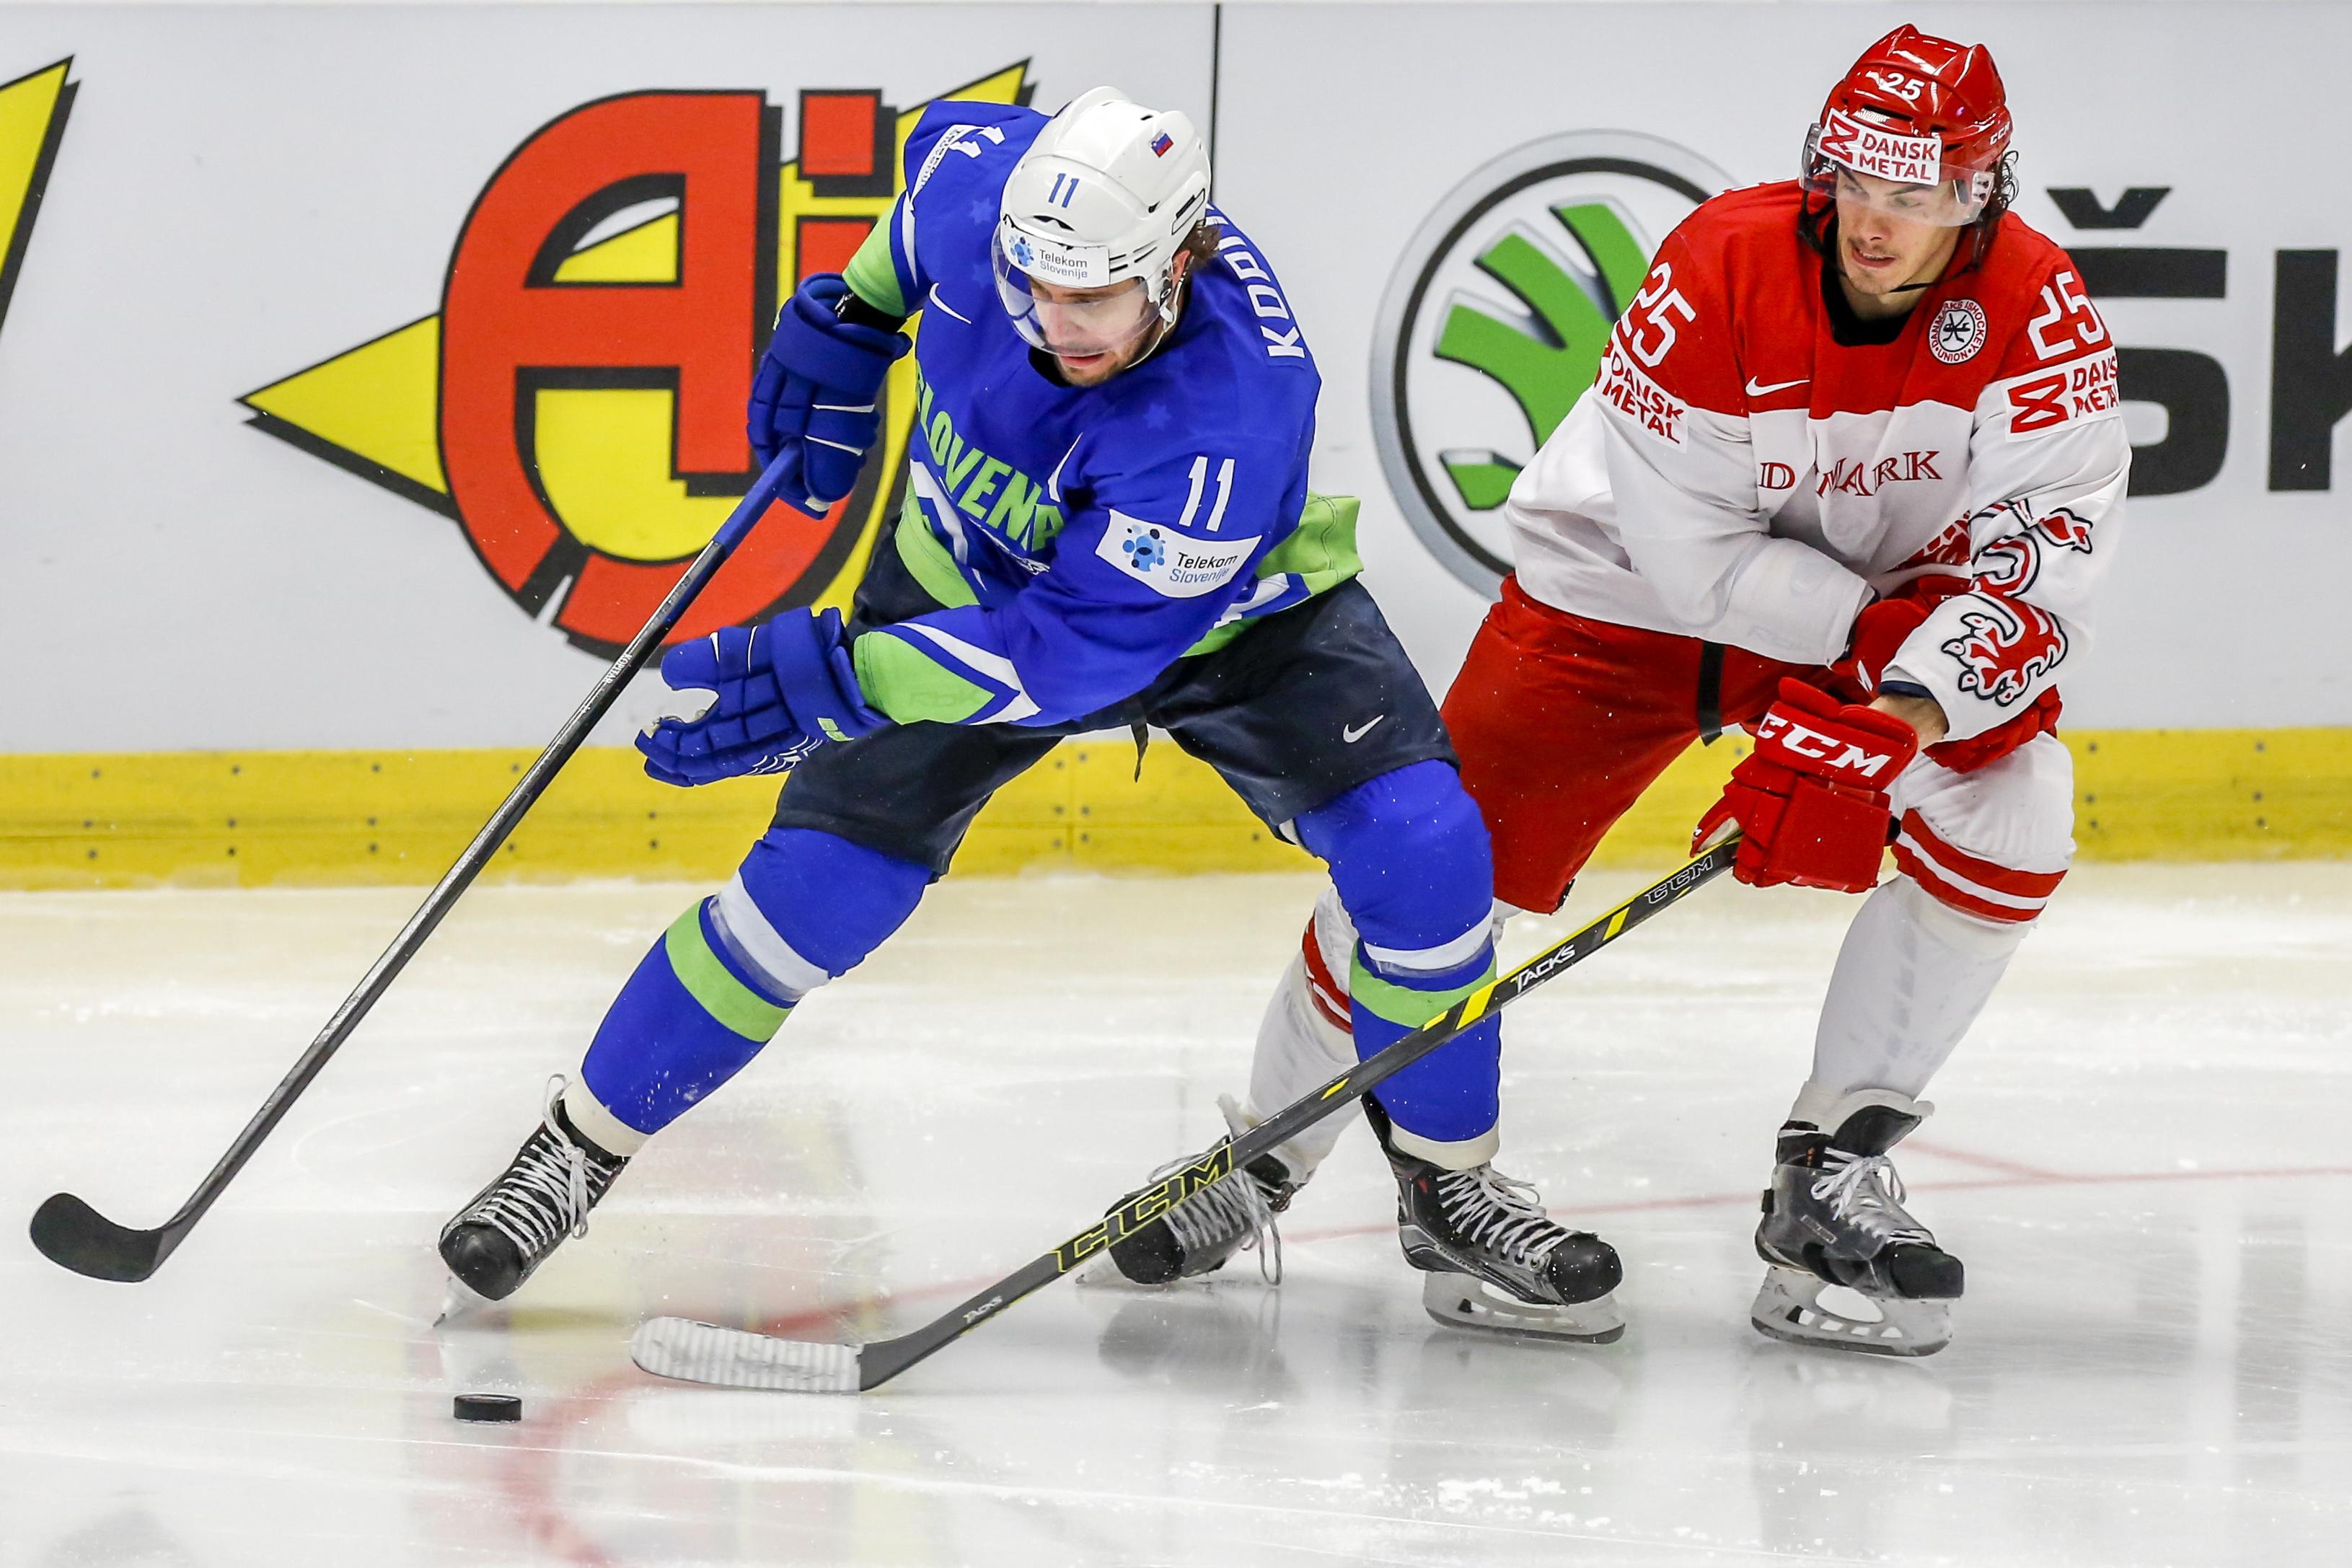 Slovenia v Denmark - 2015 IIHF Ice Hockey World Championship